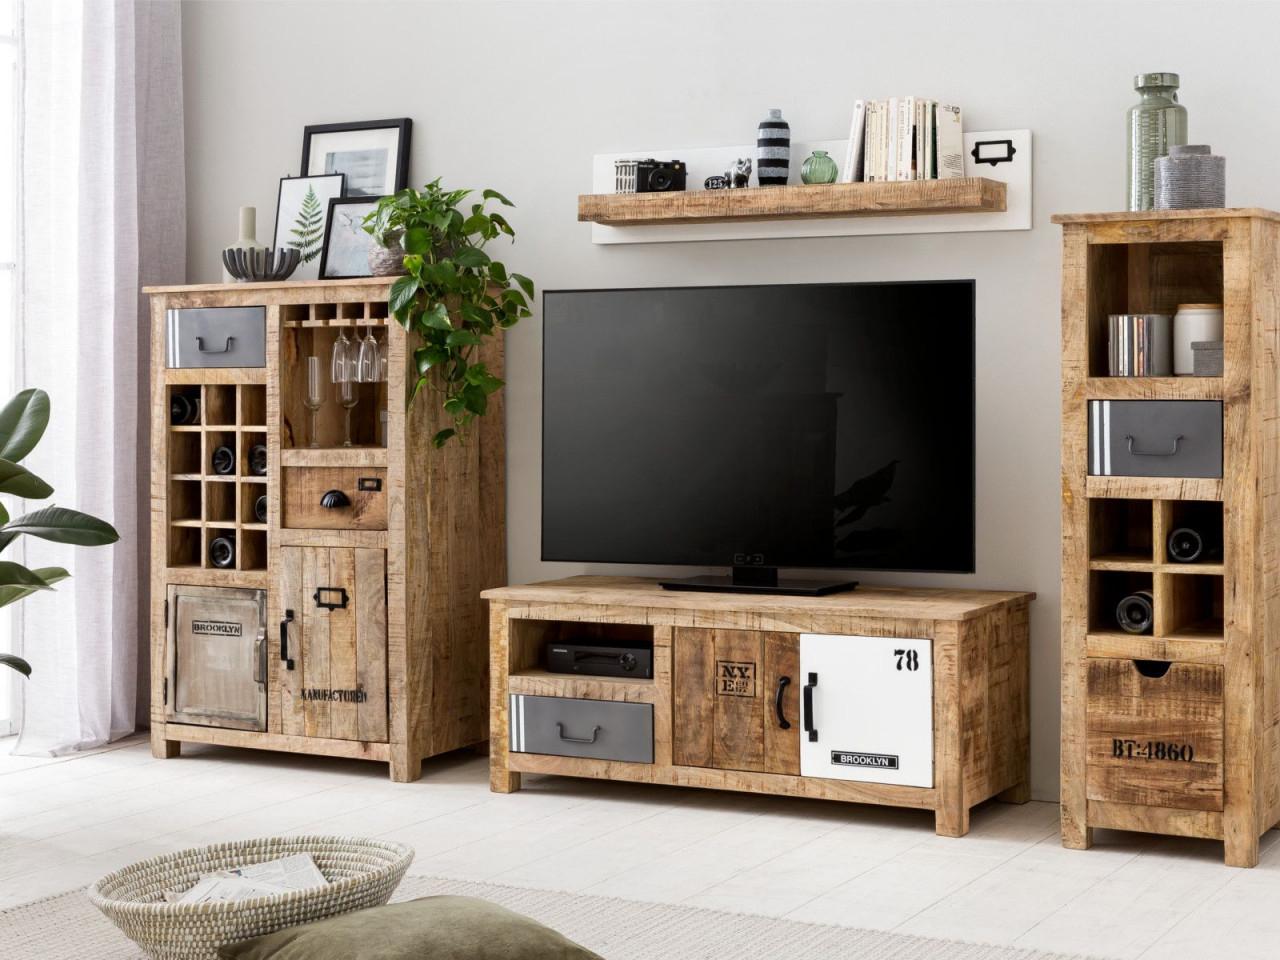 Wohnwand Pune  Einrichtungsideen Wohnzimmer Rustikal Holz von Wohnzimmer Ideen Holz Photo